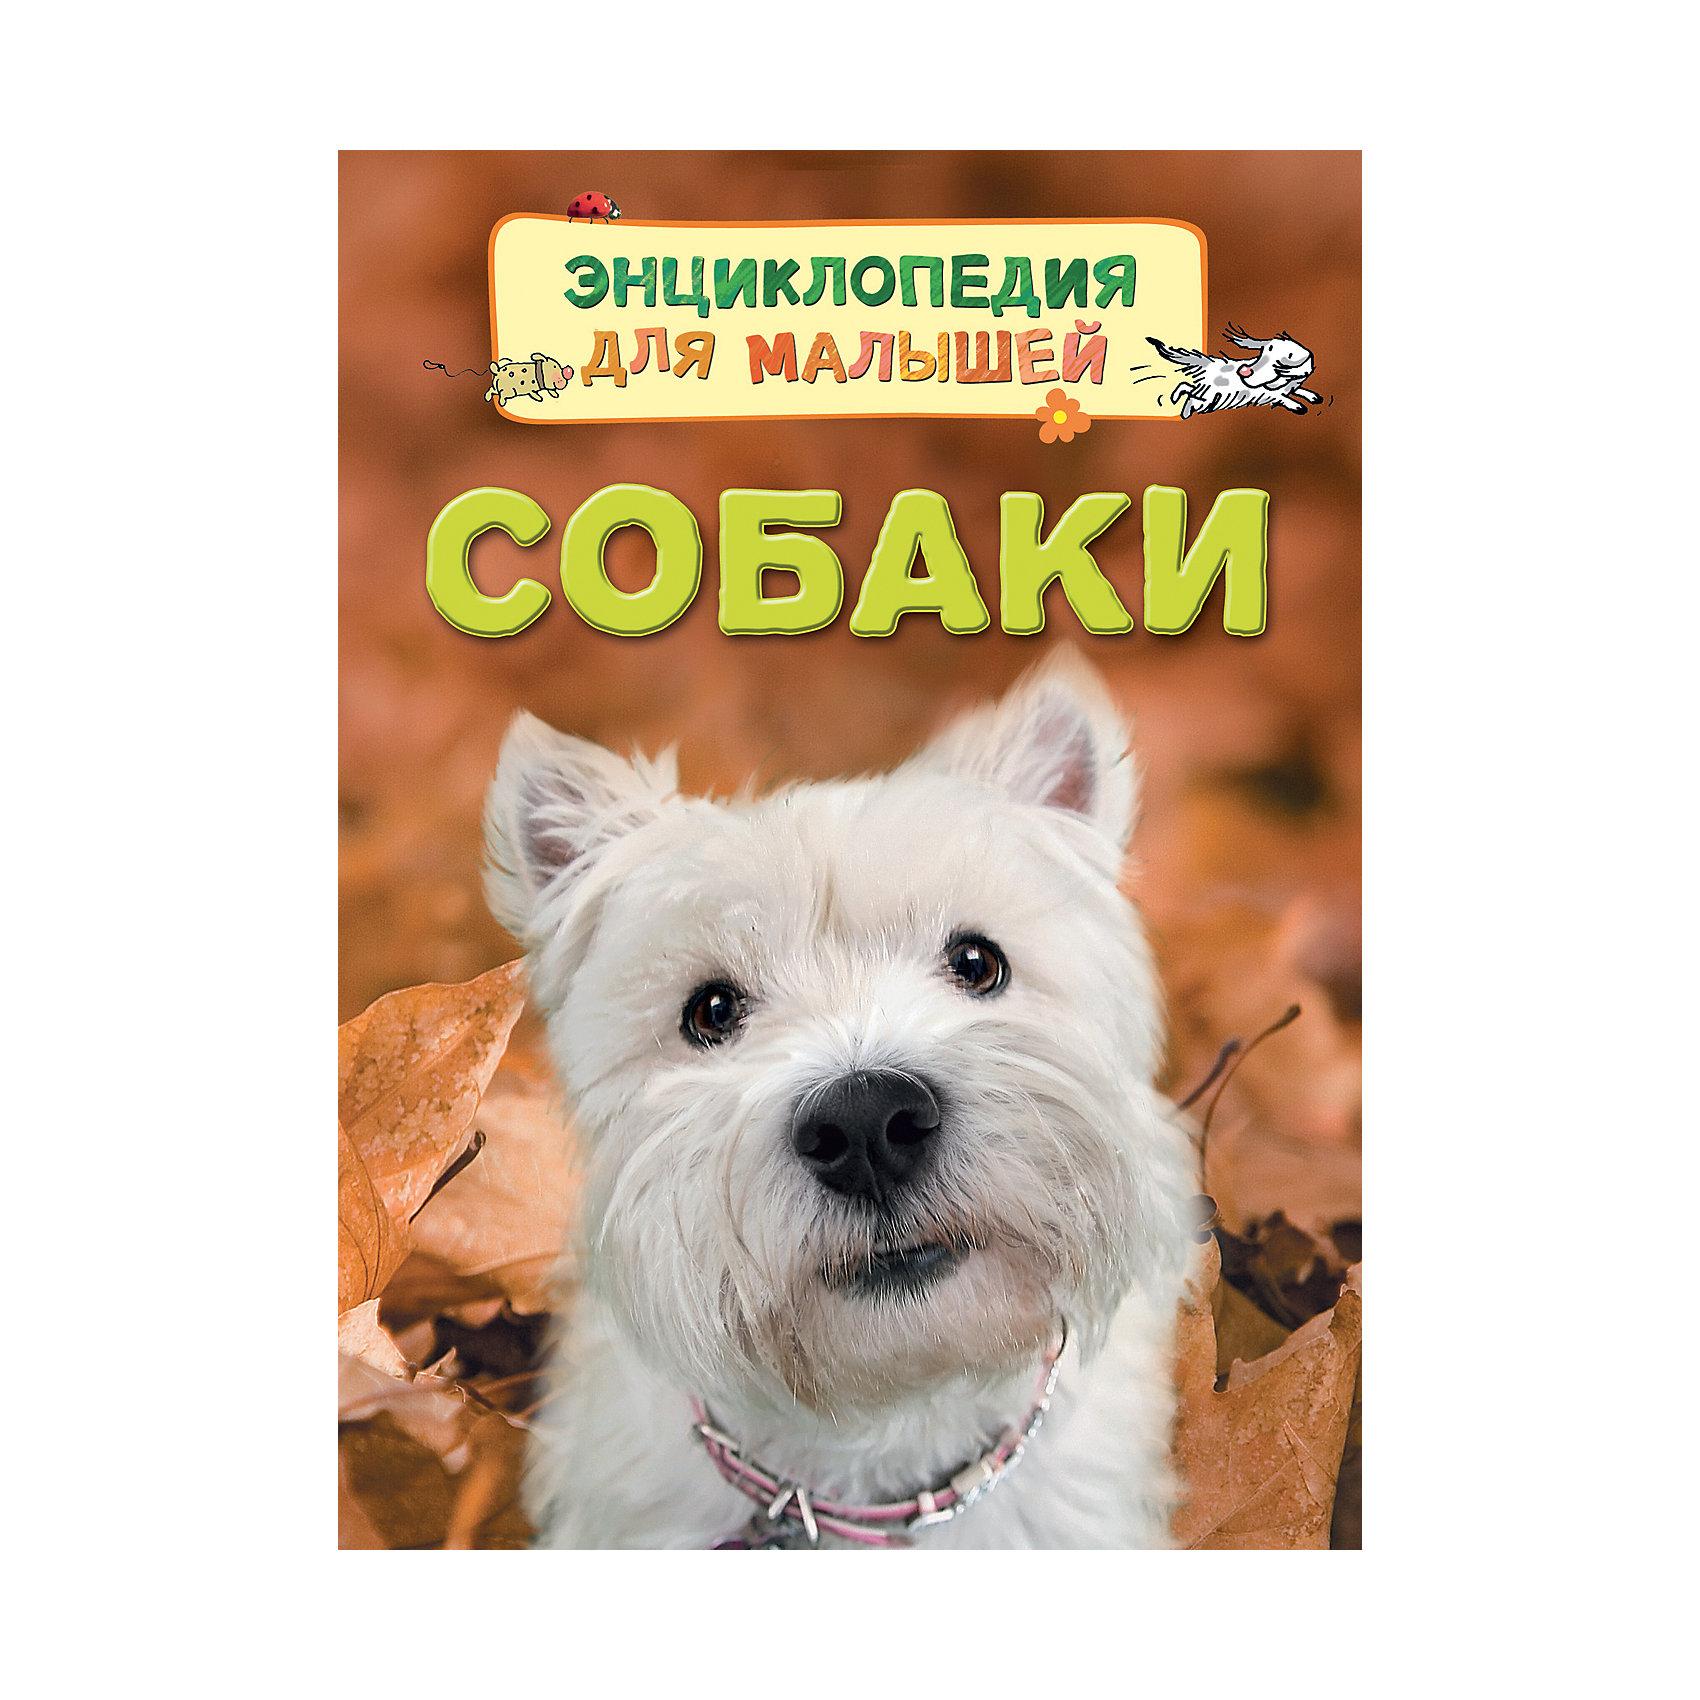 Росмэн Энциклопедия для малышей Собаки как билет для собаки на экспресс